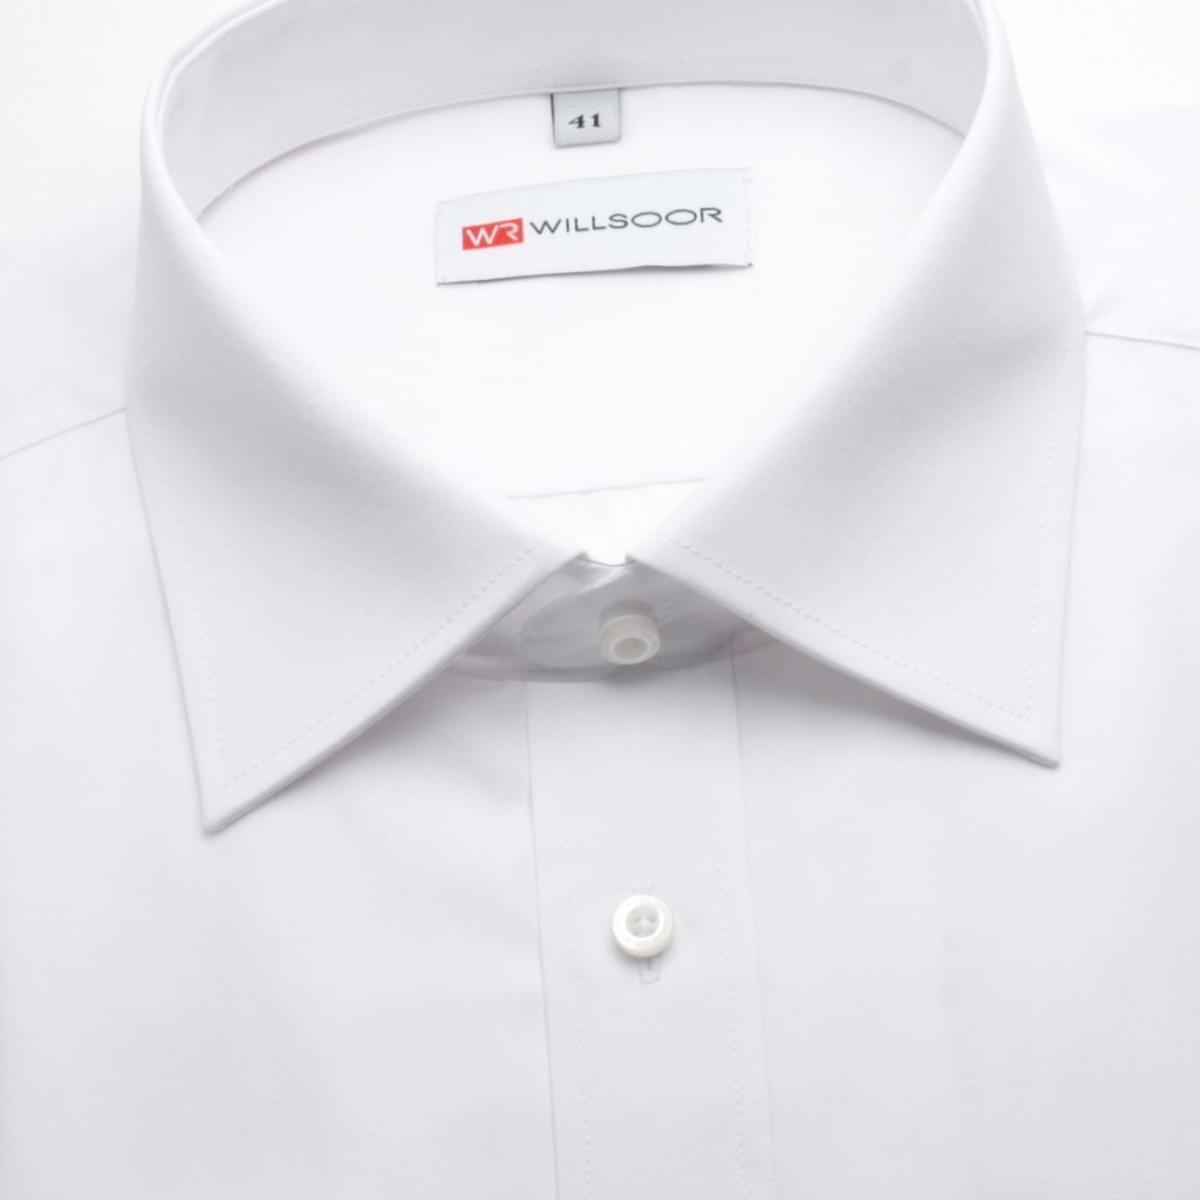 Pánská košile WR Slim Fit (výška 188-194) 354 188-194 / XL (43/44)